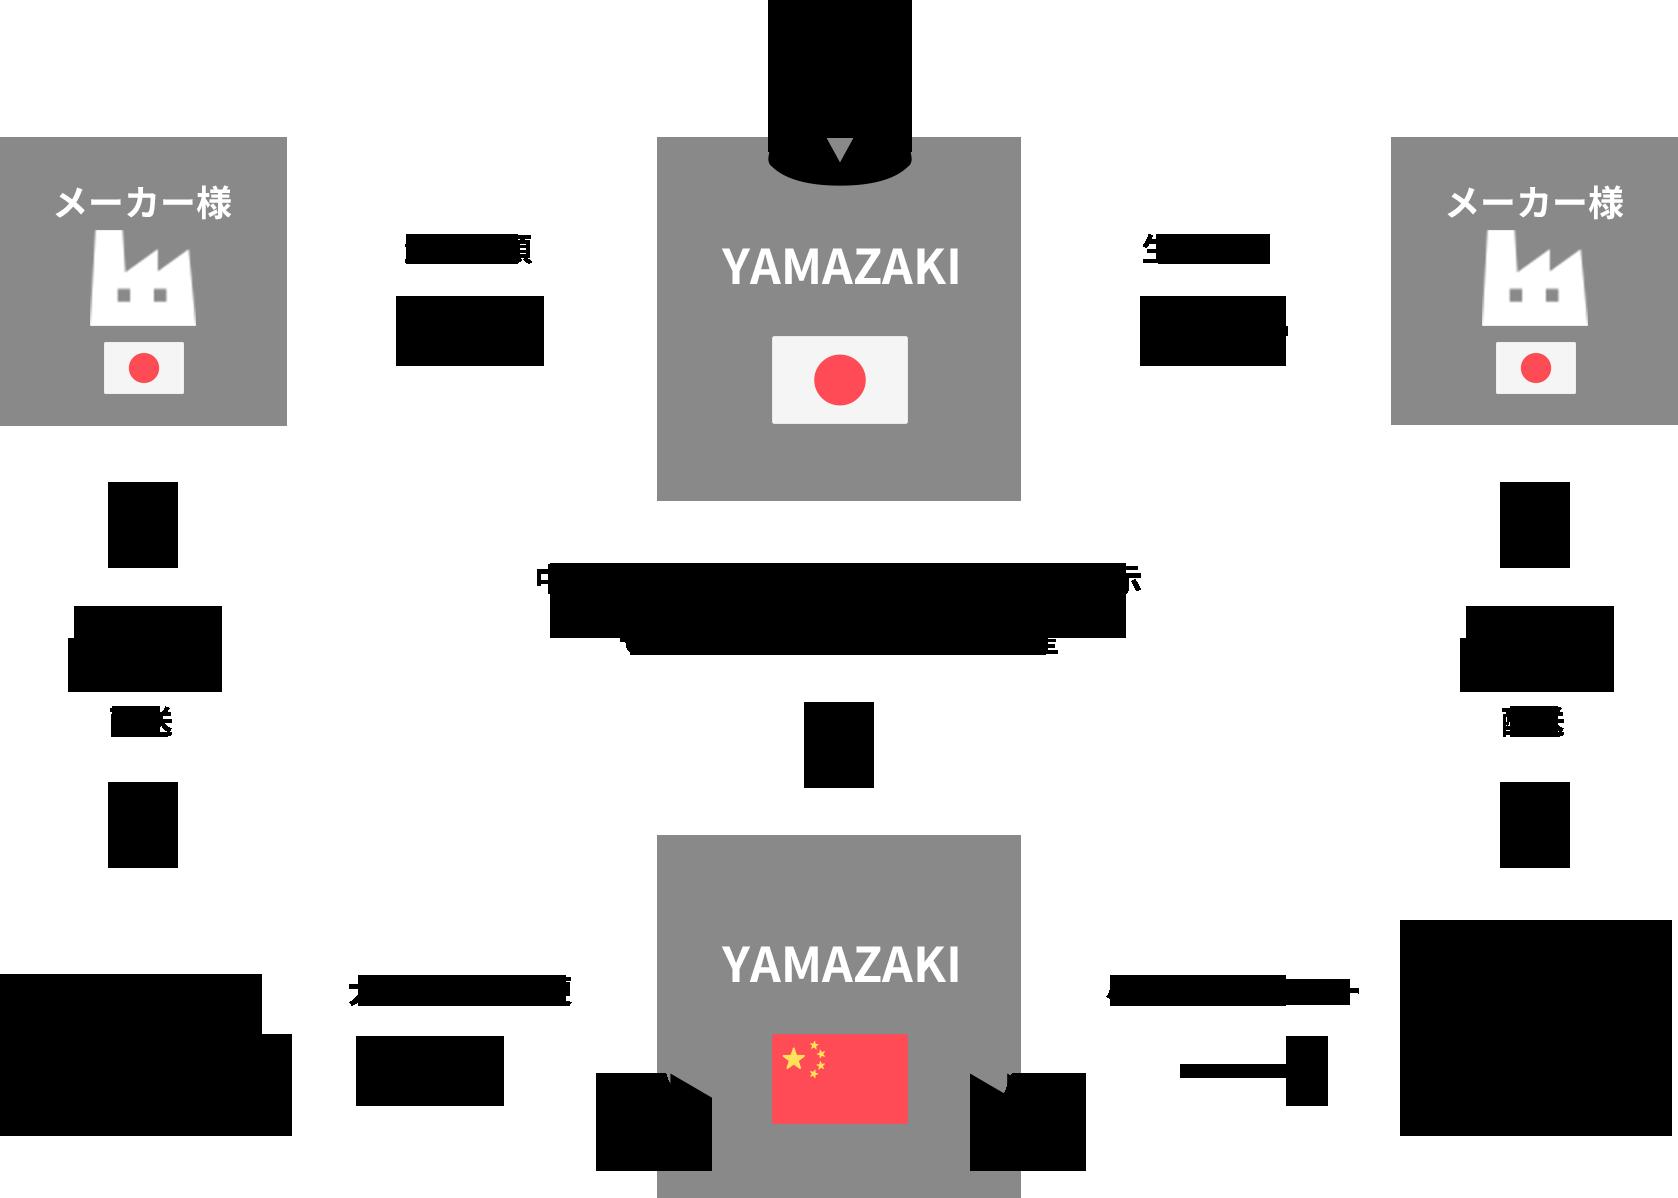 生産体制のイメージ図